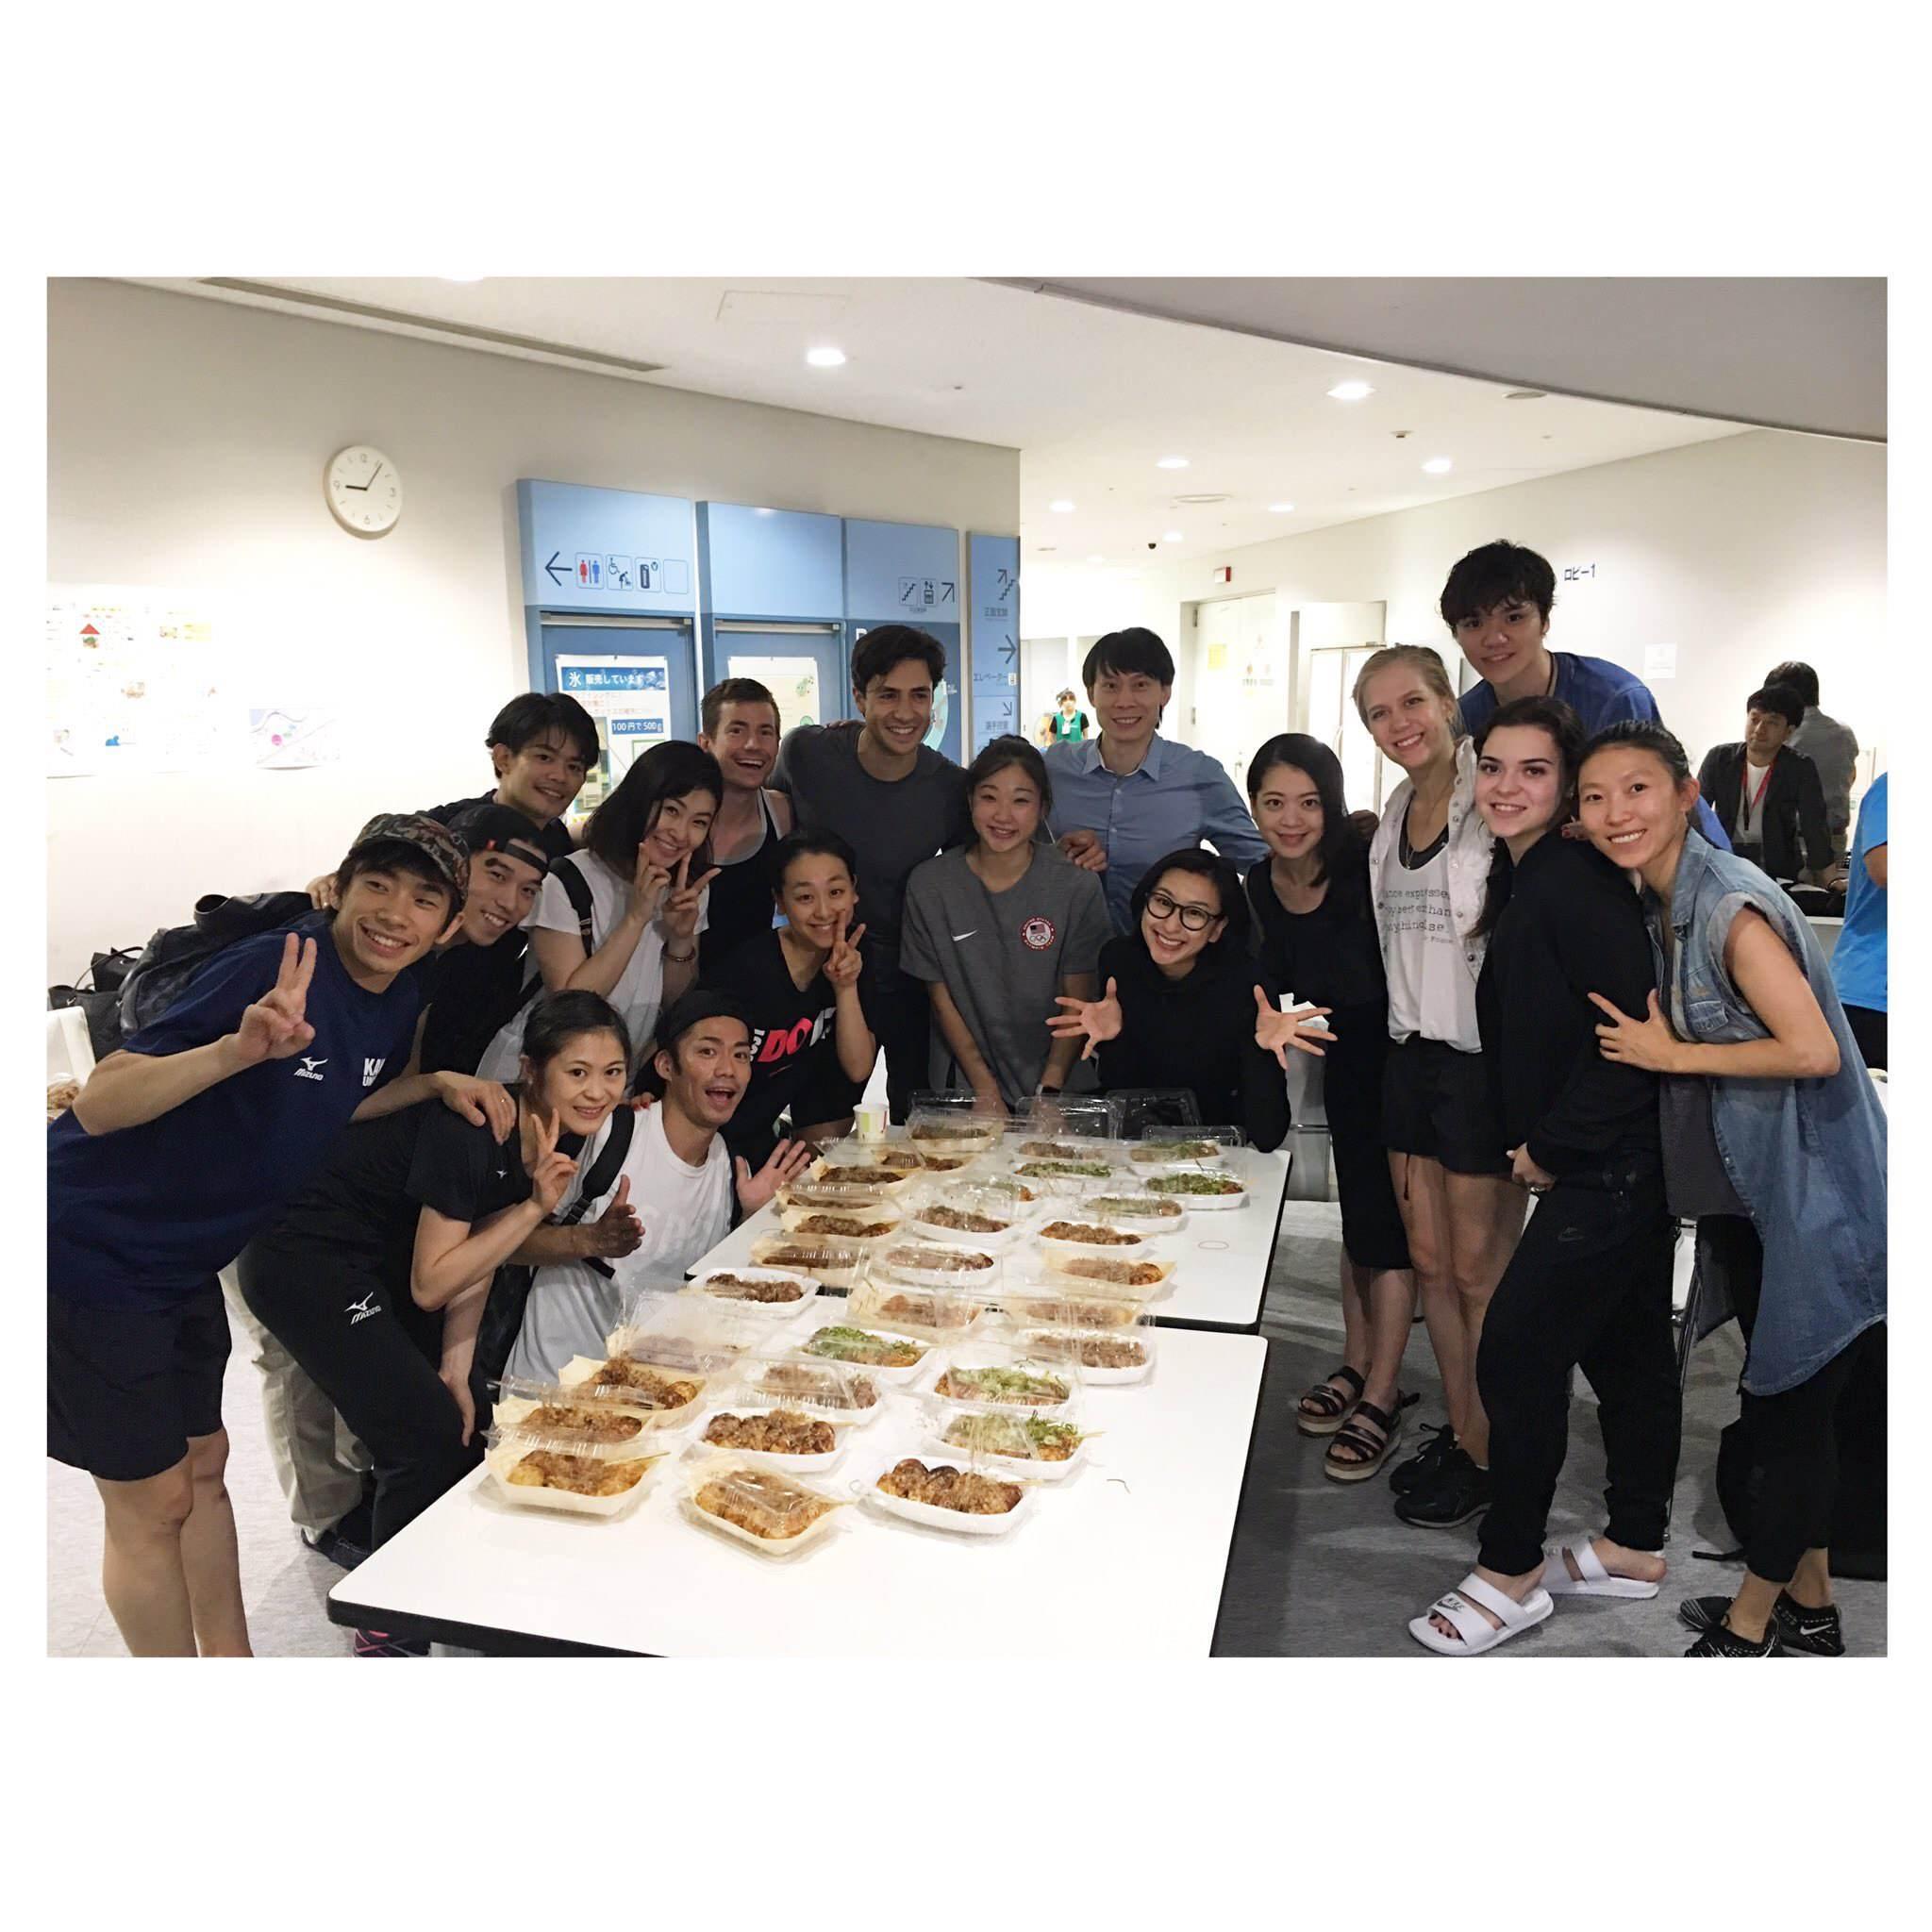 THE ICE2017。大阪公演開幕を目前に控え出場選手が集まってたこ焼きパーティ開催?浅田真央ちゃんが勢いよく食べてる(笑)